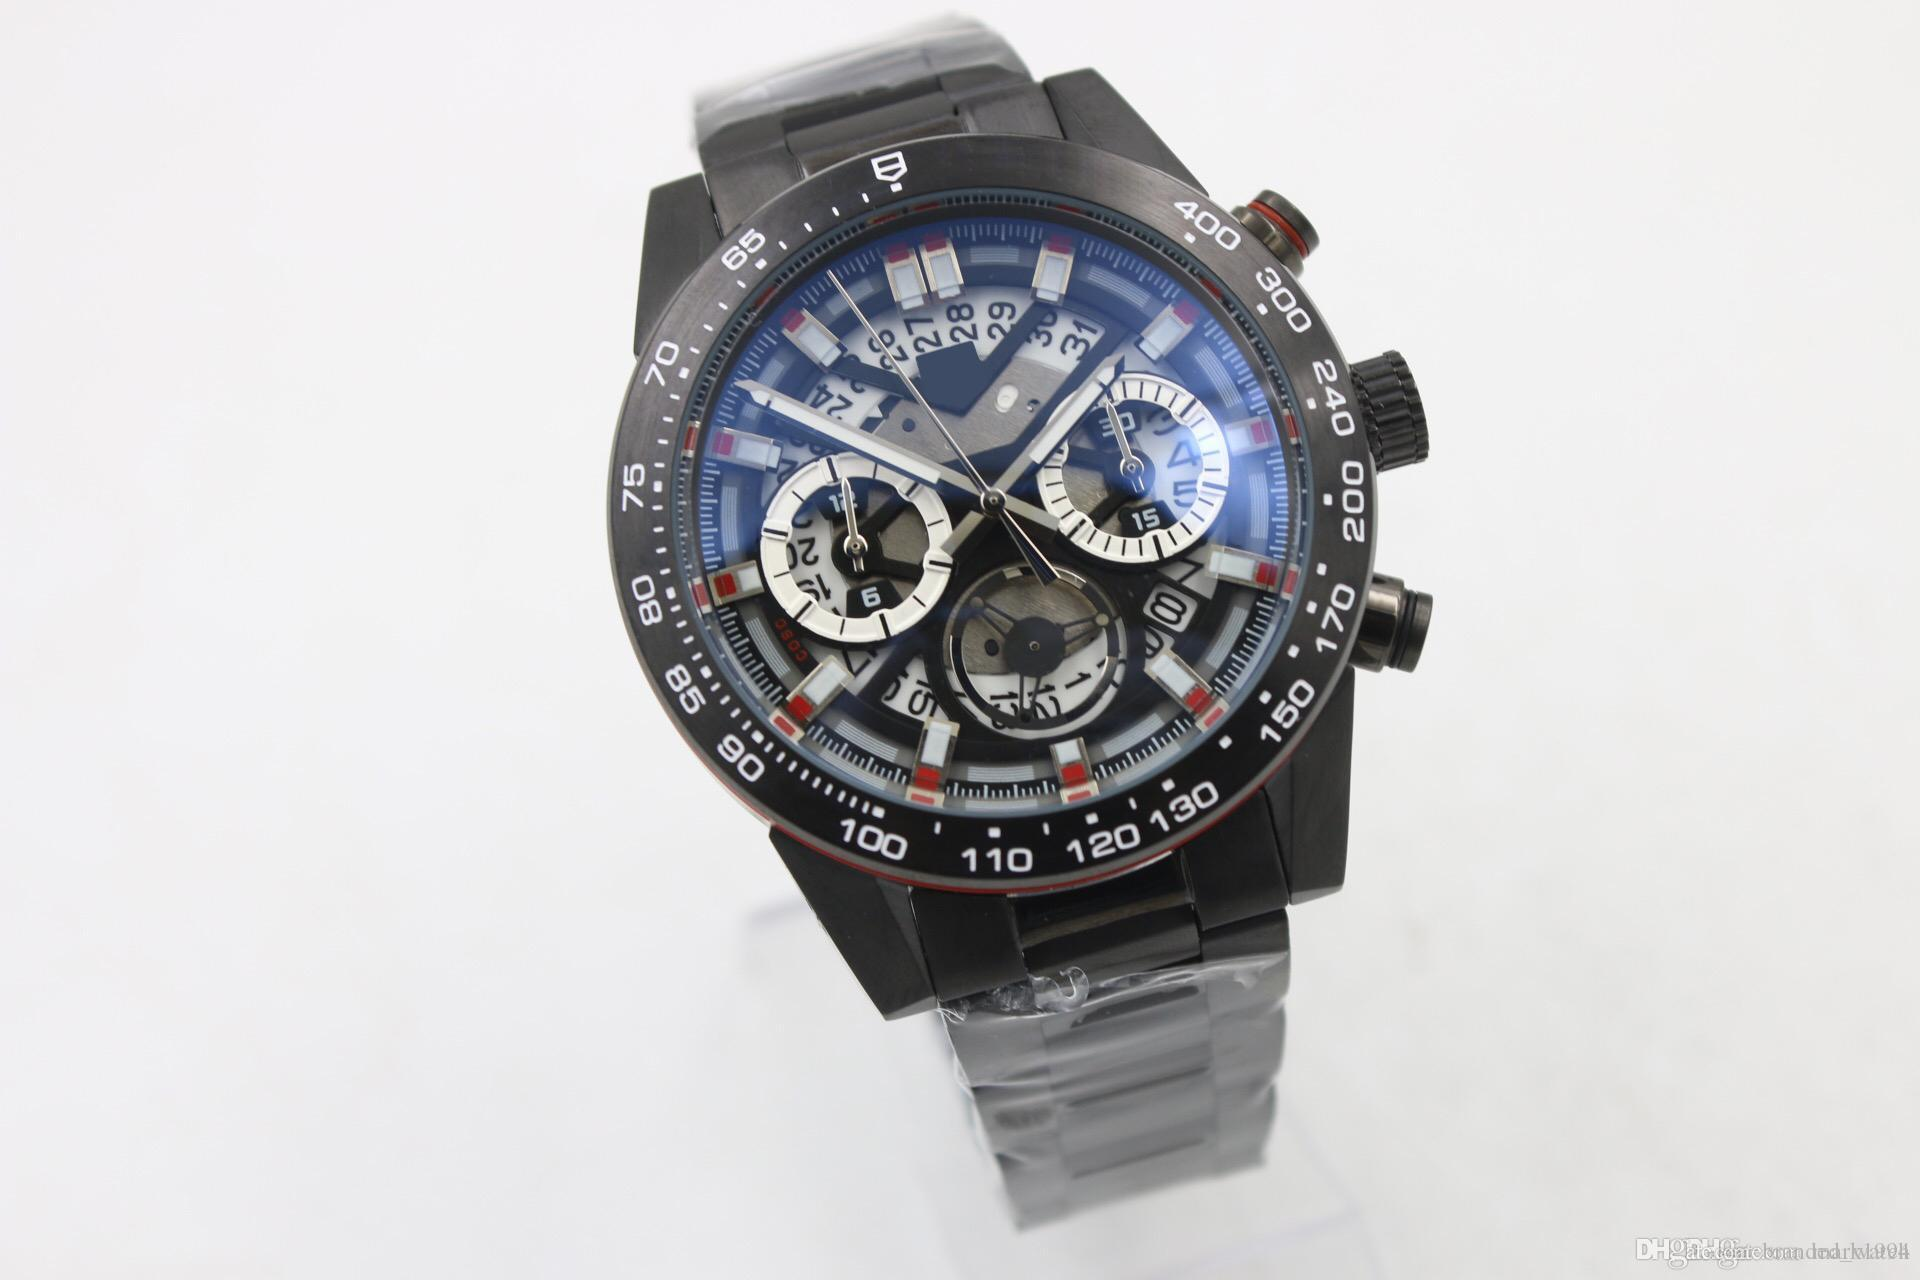 Горячая распродажа кварцевый хронограф мужская наручные часы полые циферблаты тахиметерный аналог черных силиконовых бездельных скелет резиновый ремень C6323 мужские часы